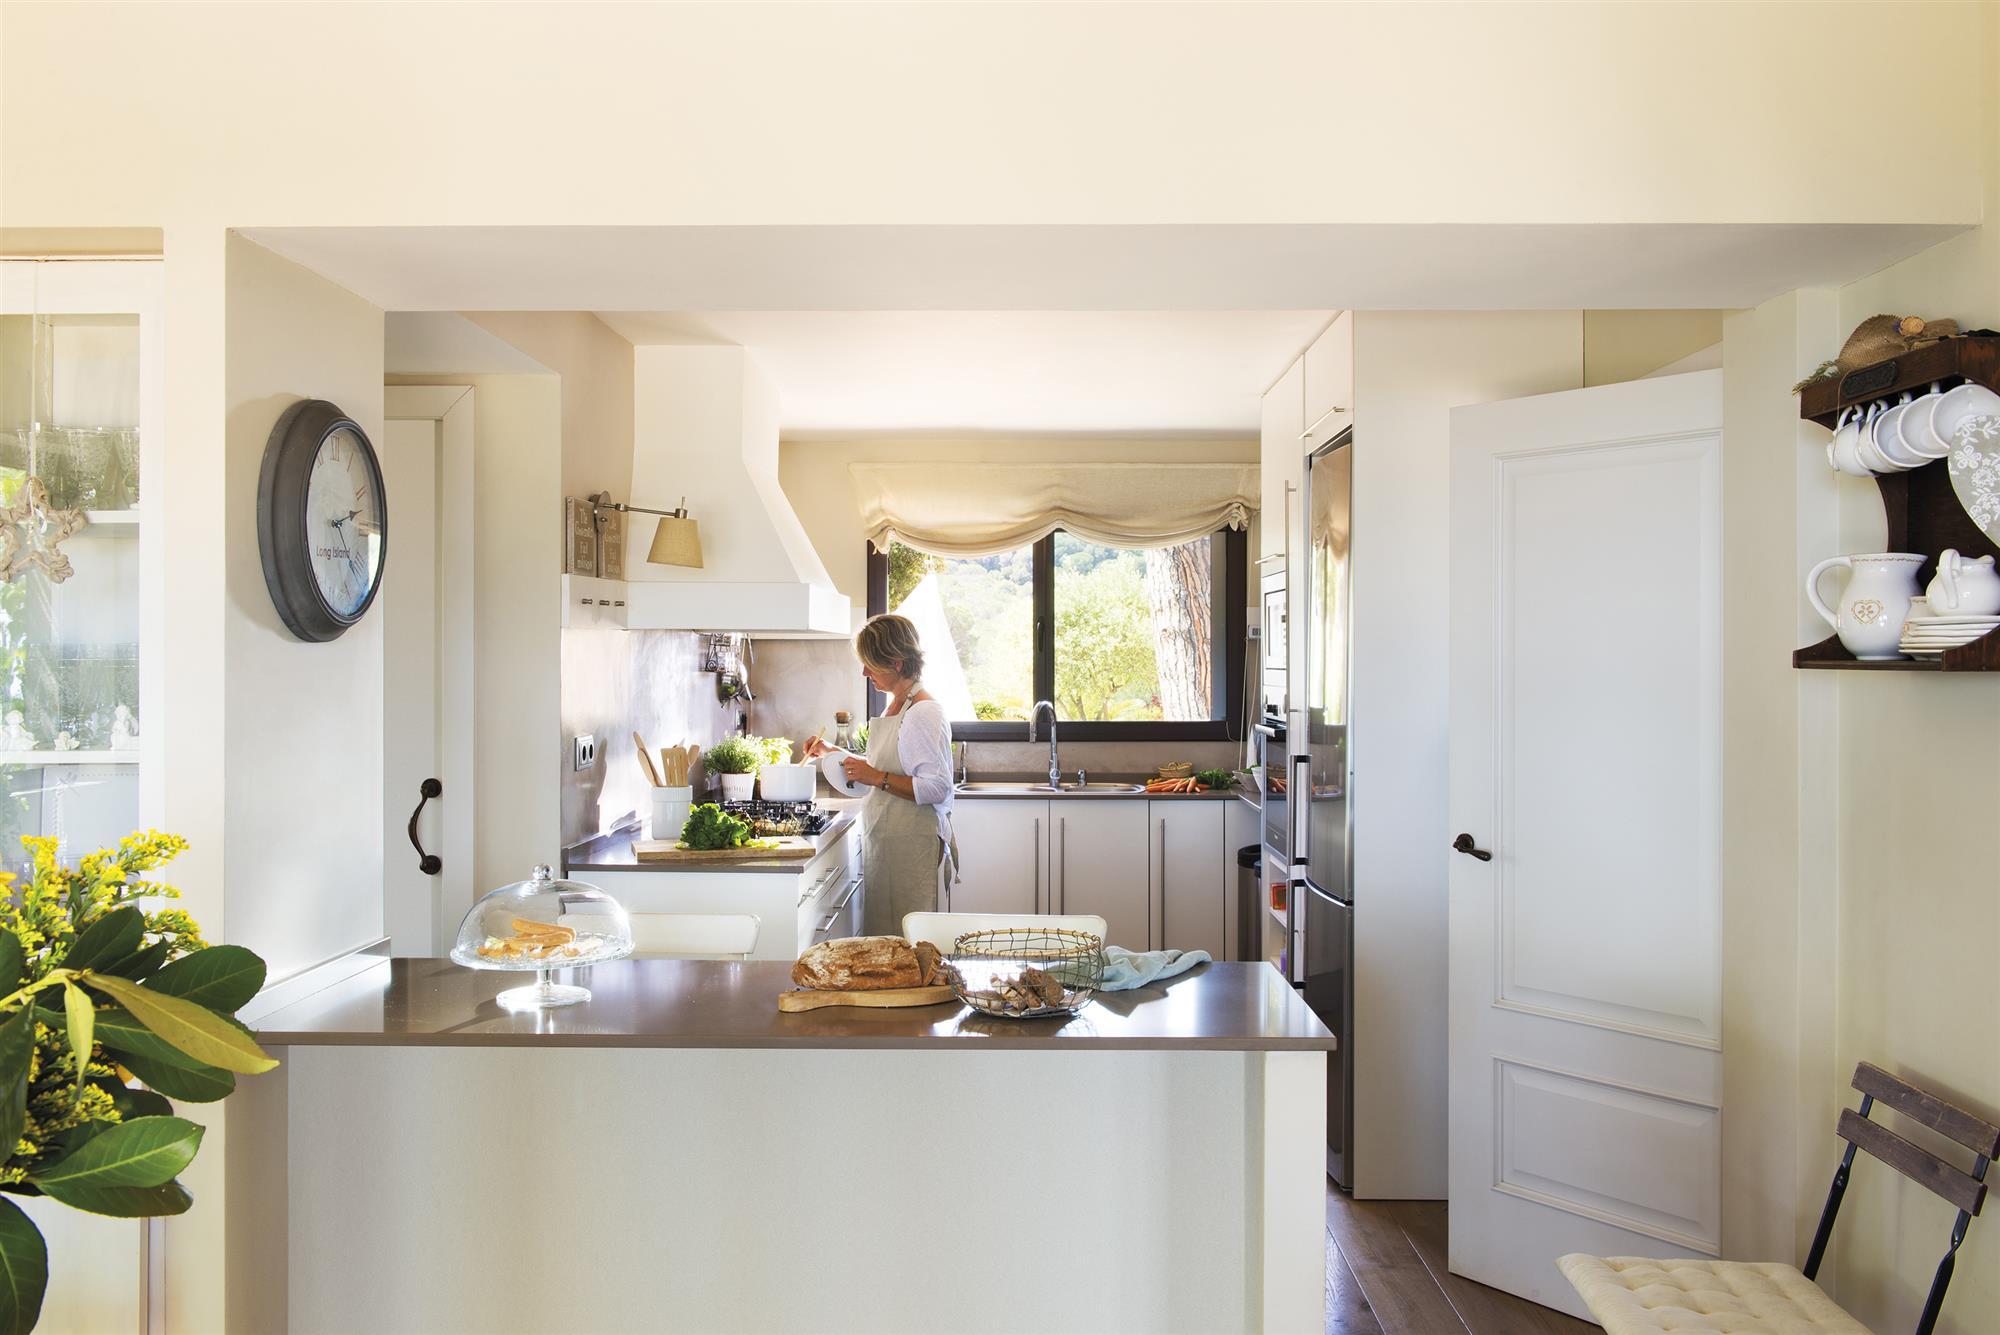 кухня кухонный остров белые фасады окно римские шторы